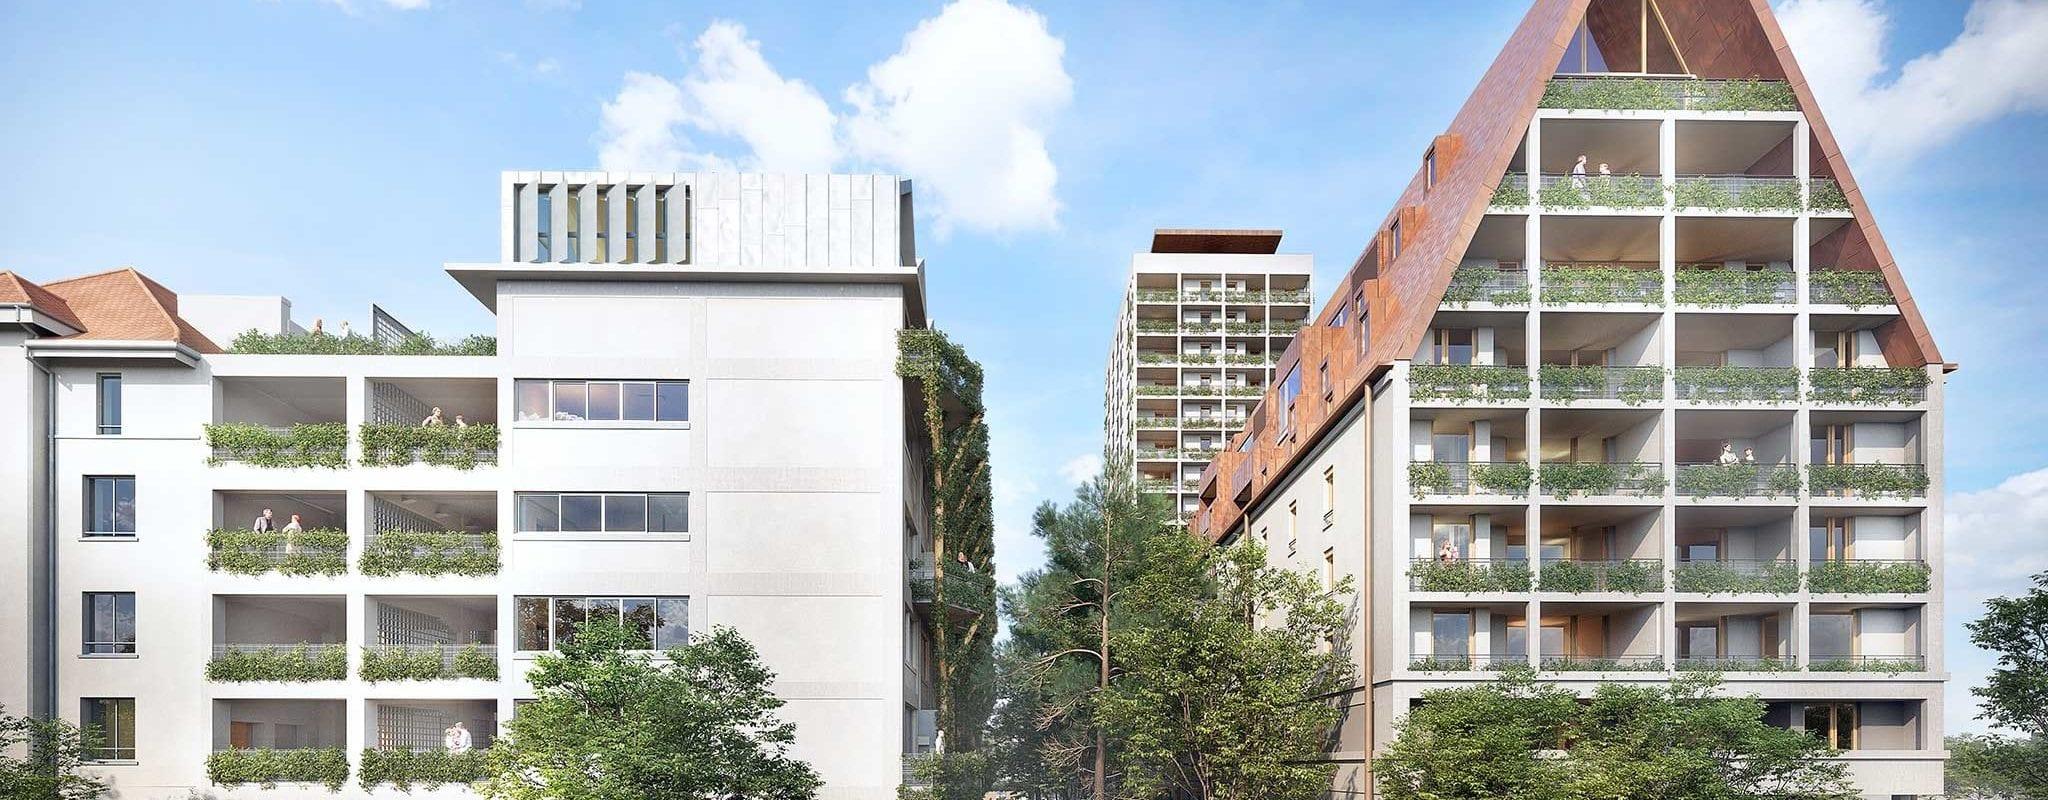 Au quartier Coop, un peu d'économie sociale et solidaire, entre bureaux et logements